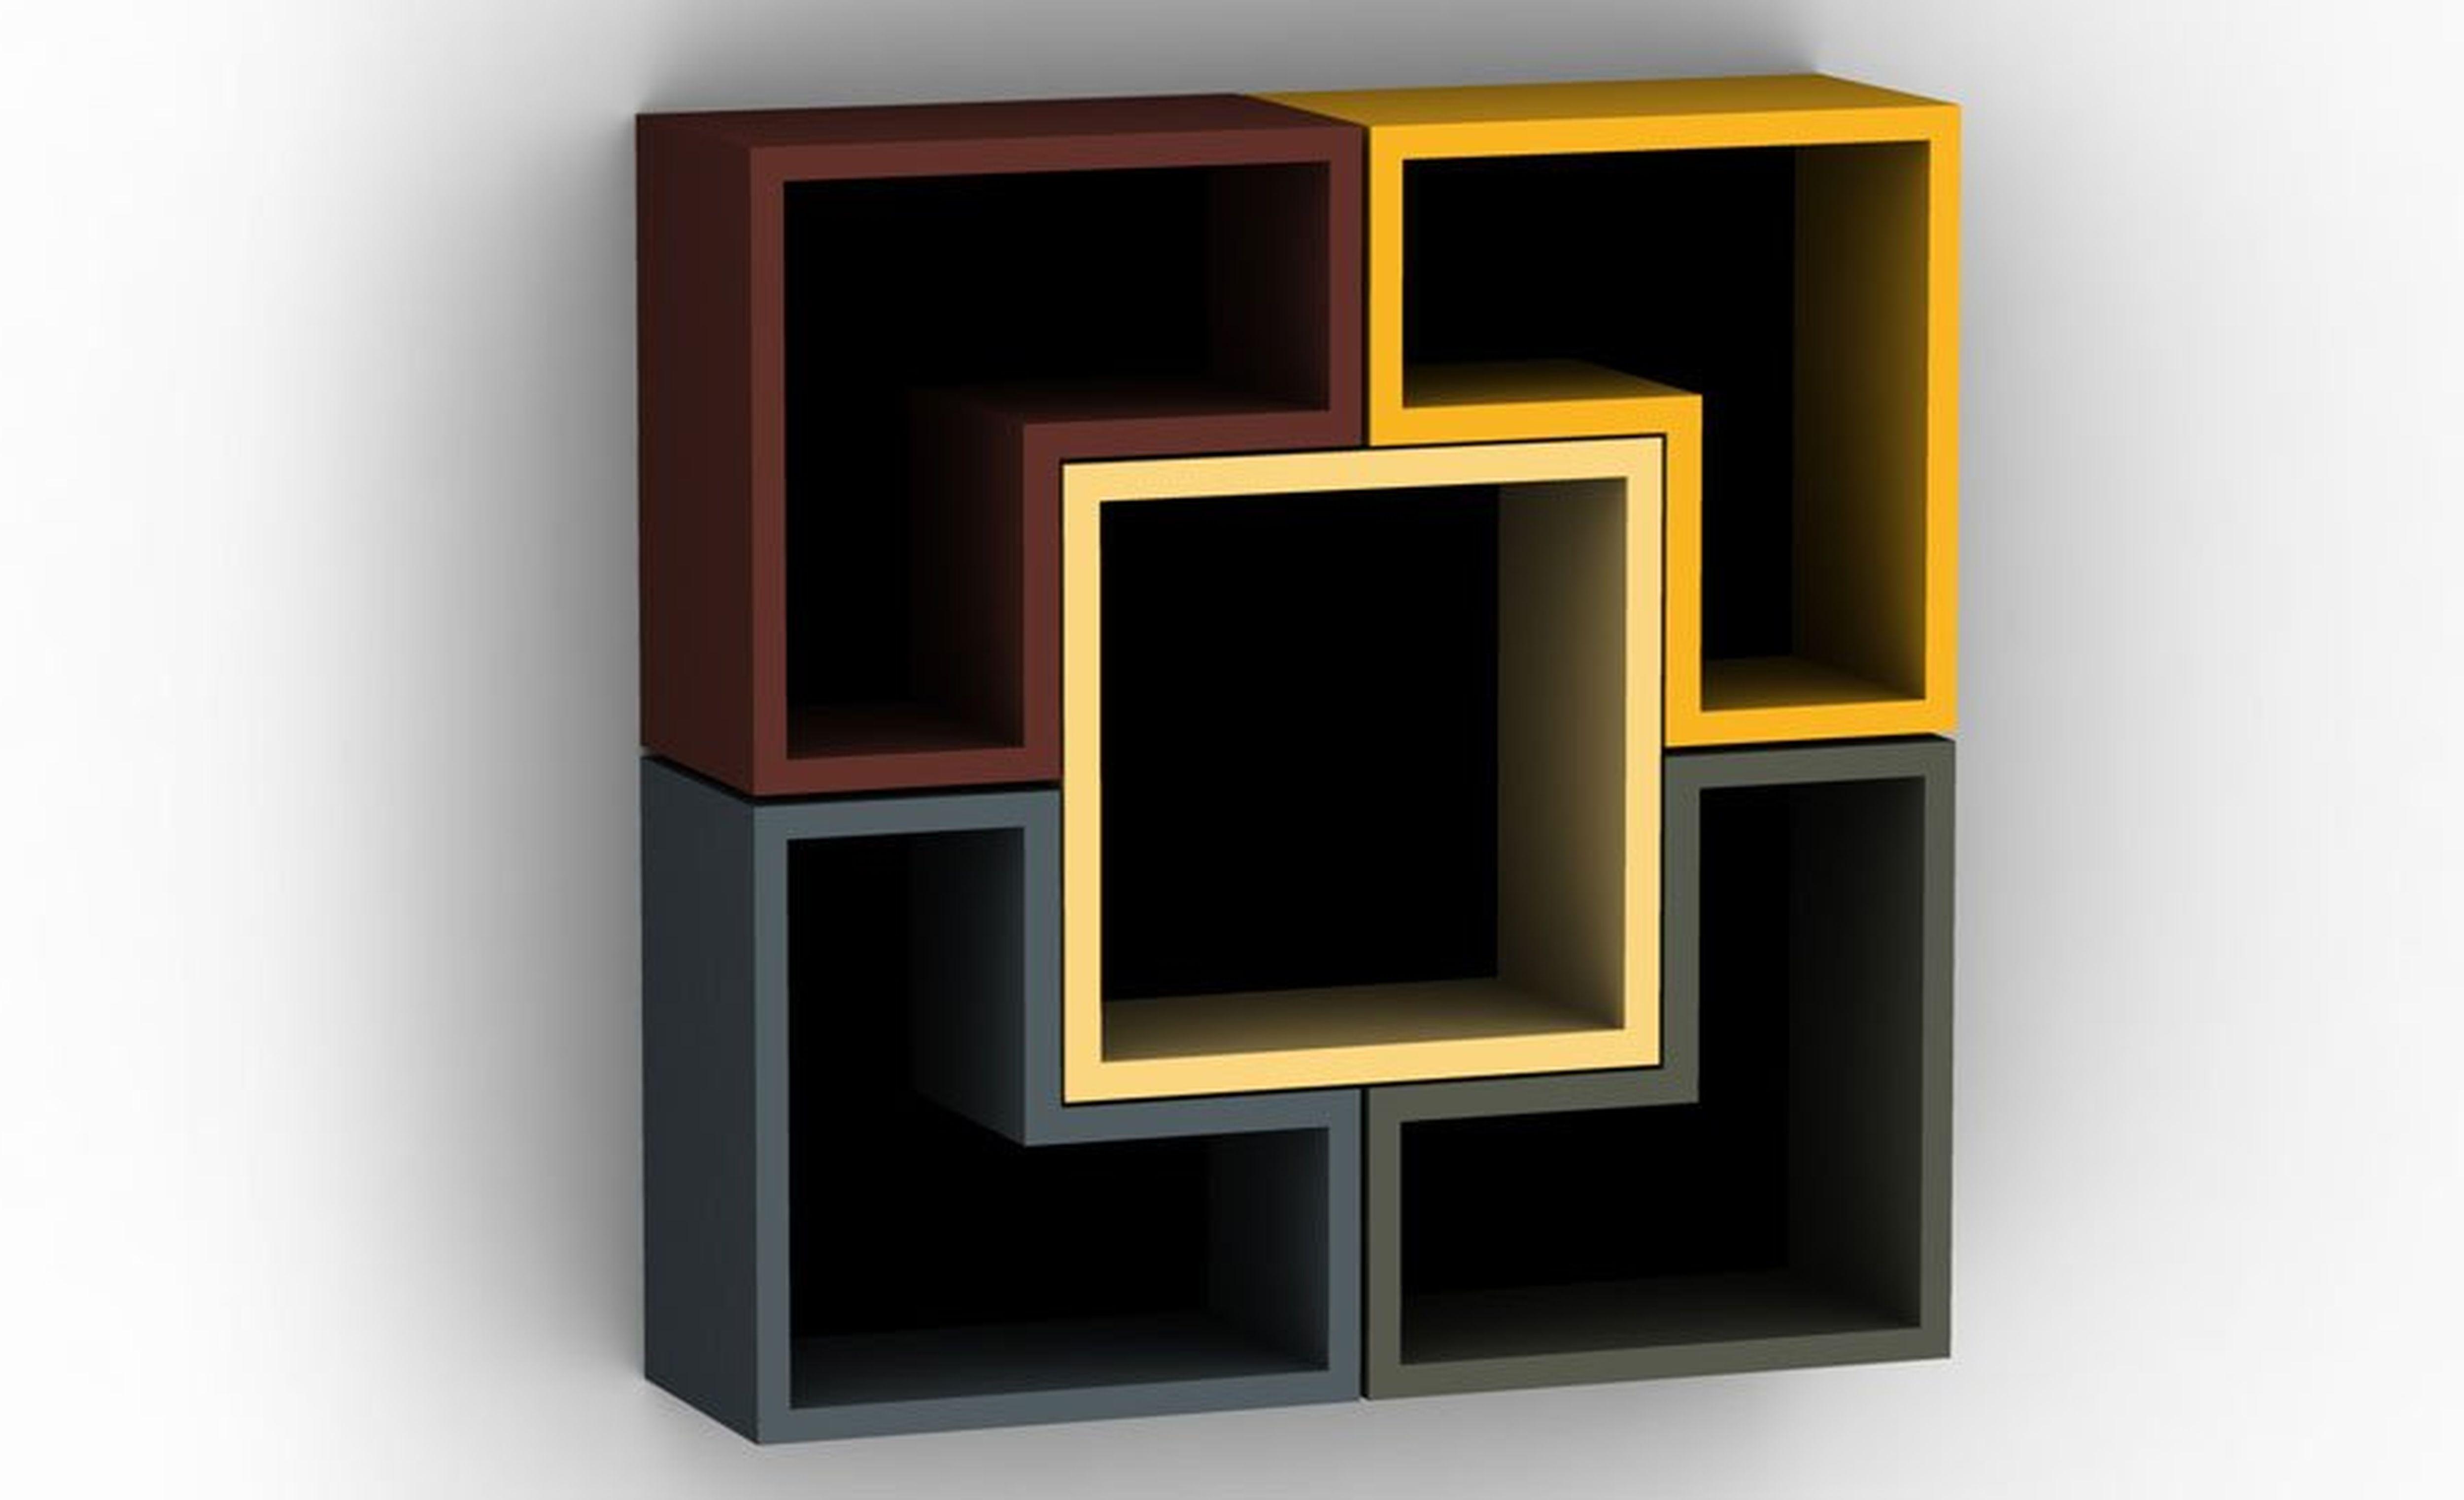 Interior Shelves Design In Bookshelves Designs For Home (#14 of 15)